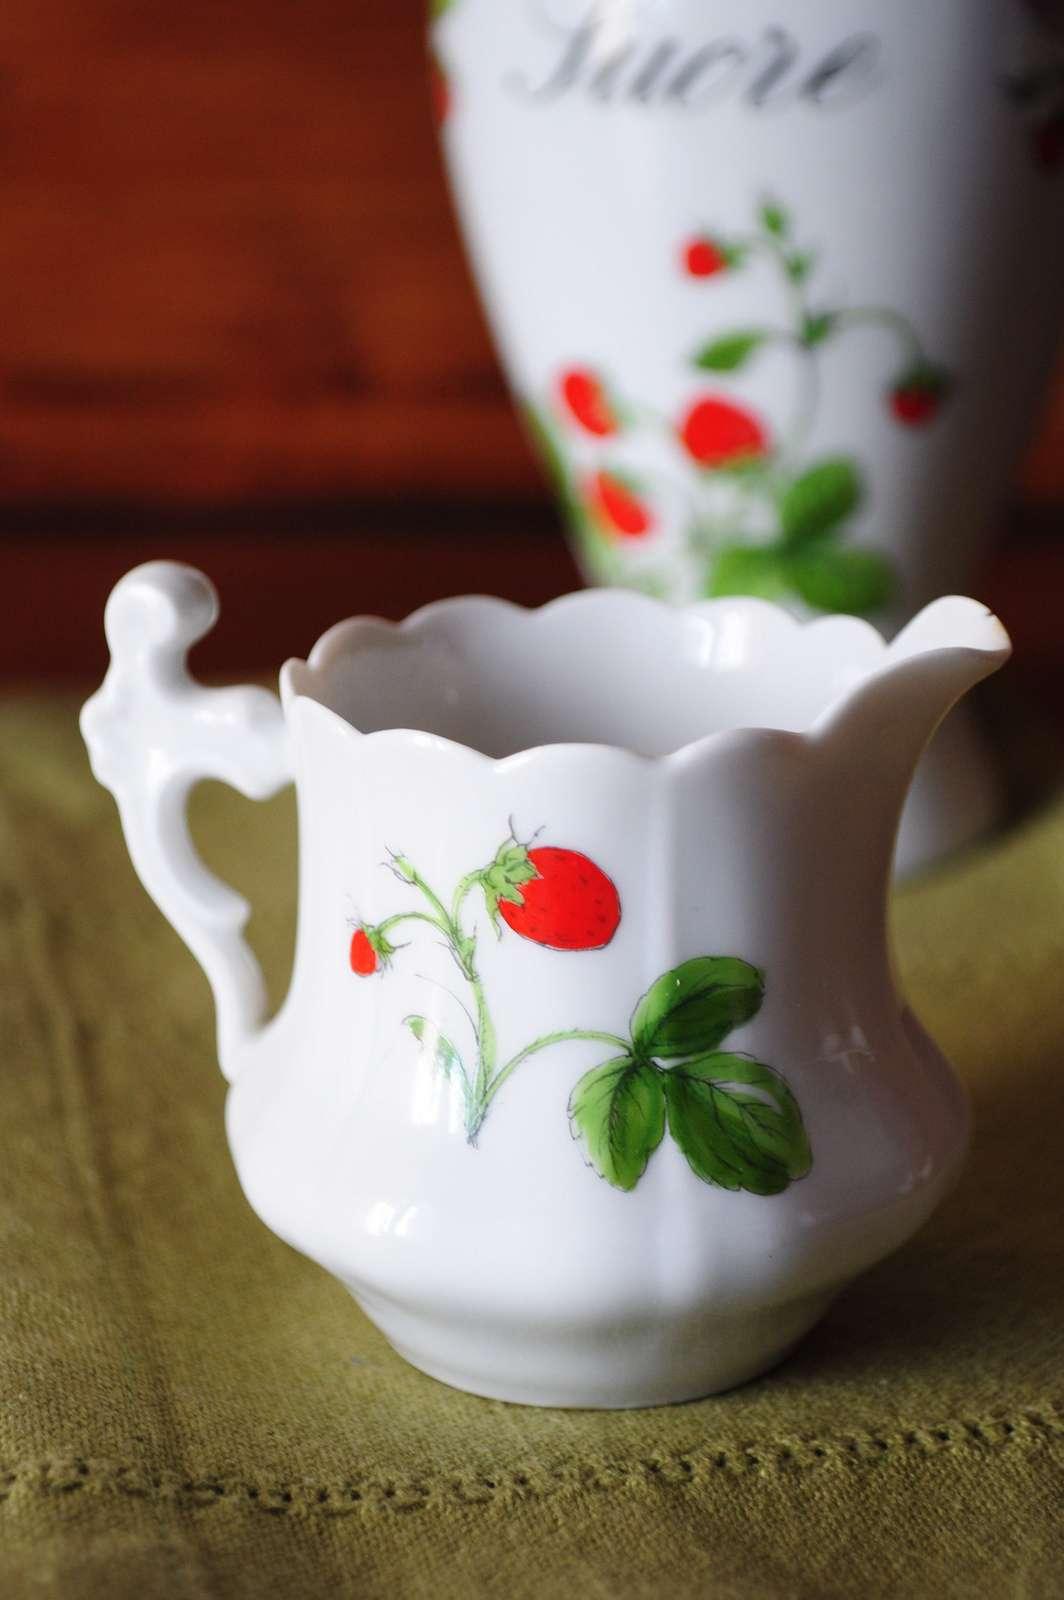 Exemple de porcelaine de Limoges. La production de porcelaine a longtemps été réservée à la famille royale, jusqu'à la Révolution. © fred_v, Flickr, cc by 2.0